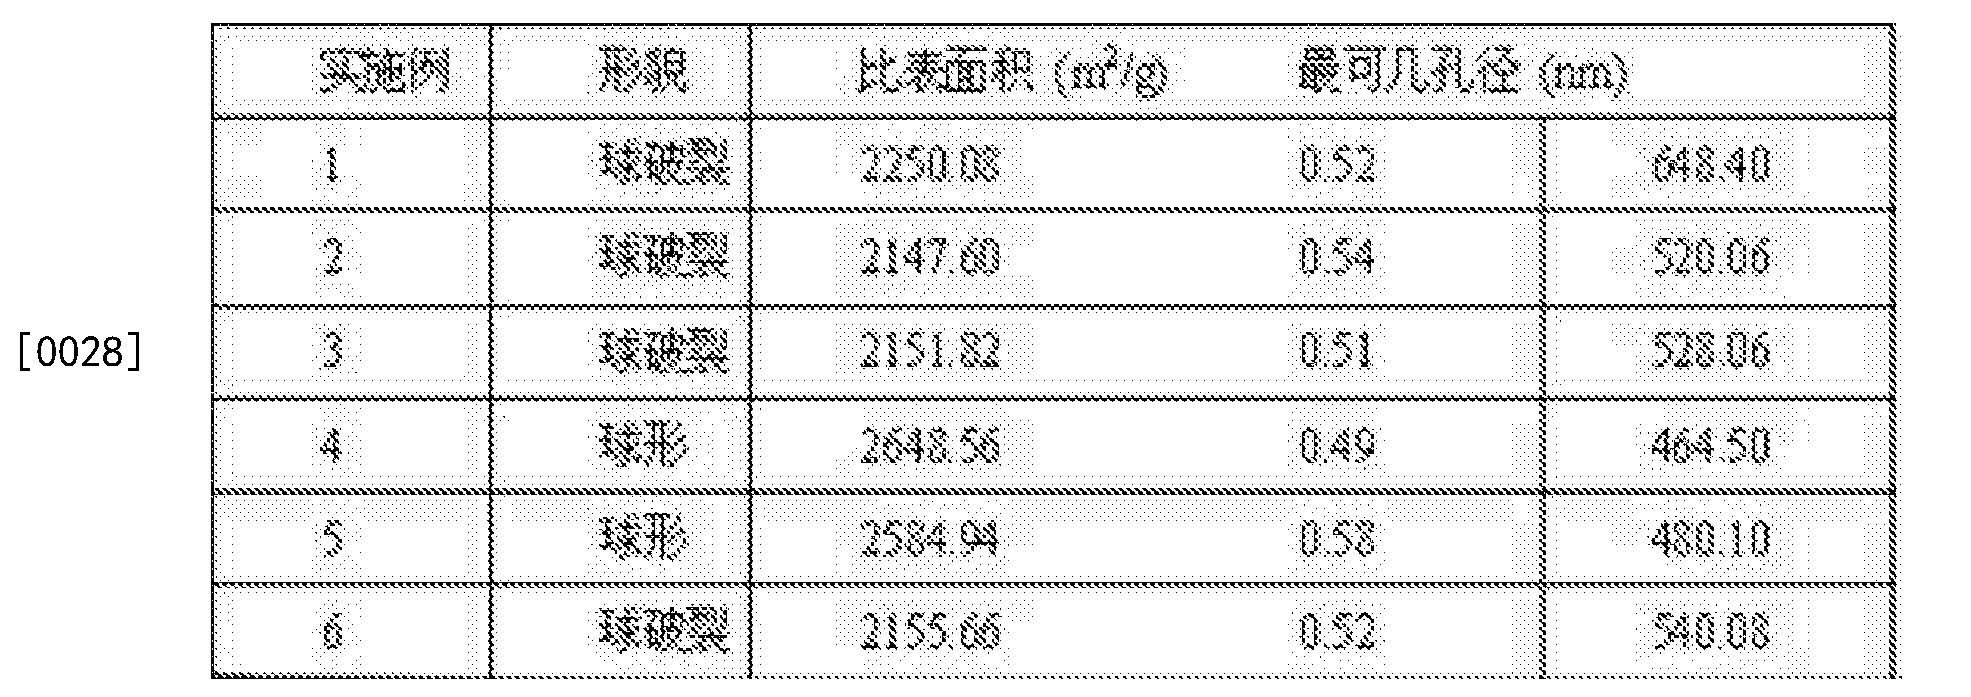 Figure CN103641100BD00051